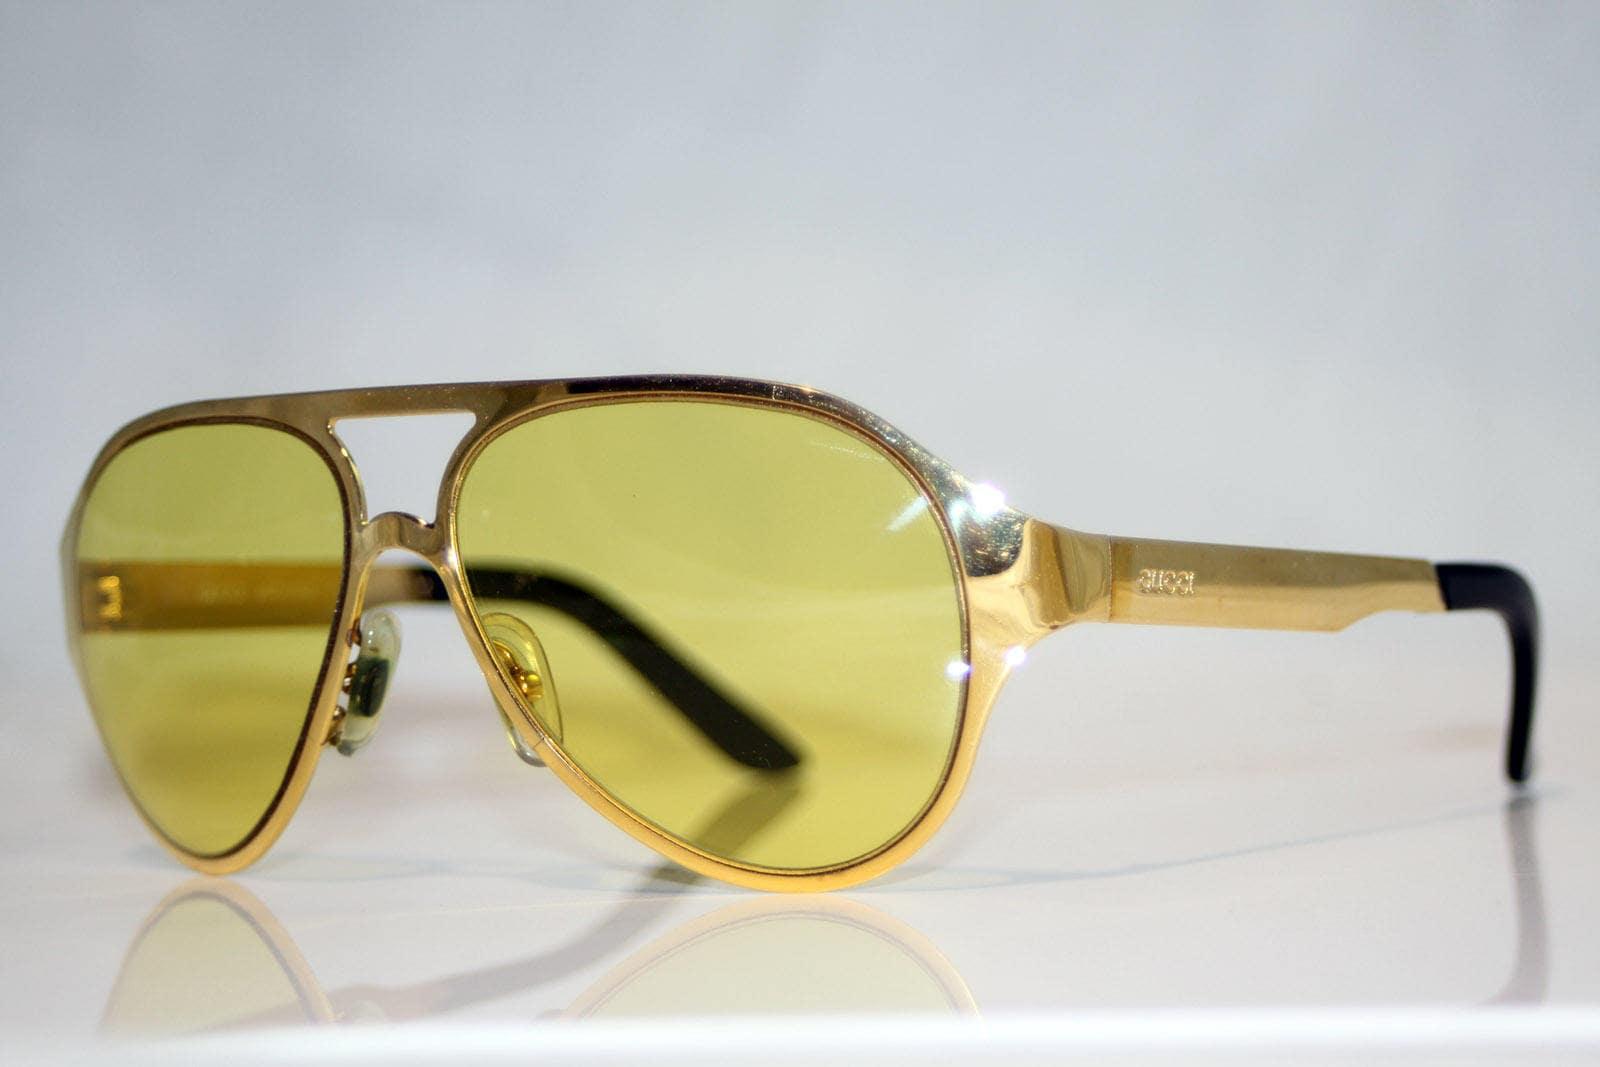 GUCCI Circa 1990 Vintage Mens Gold Aviator Sunglasses GG 1284 8EM 11257